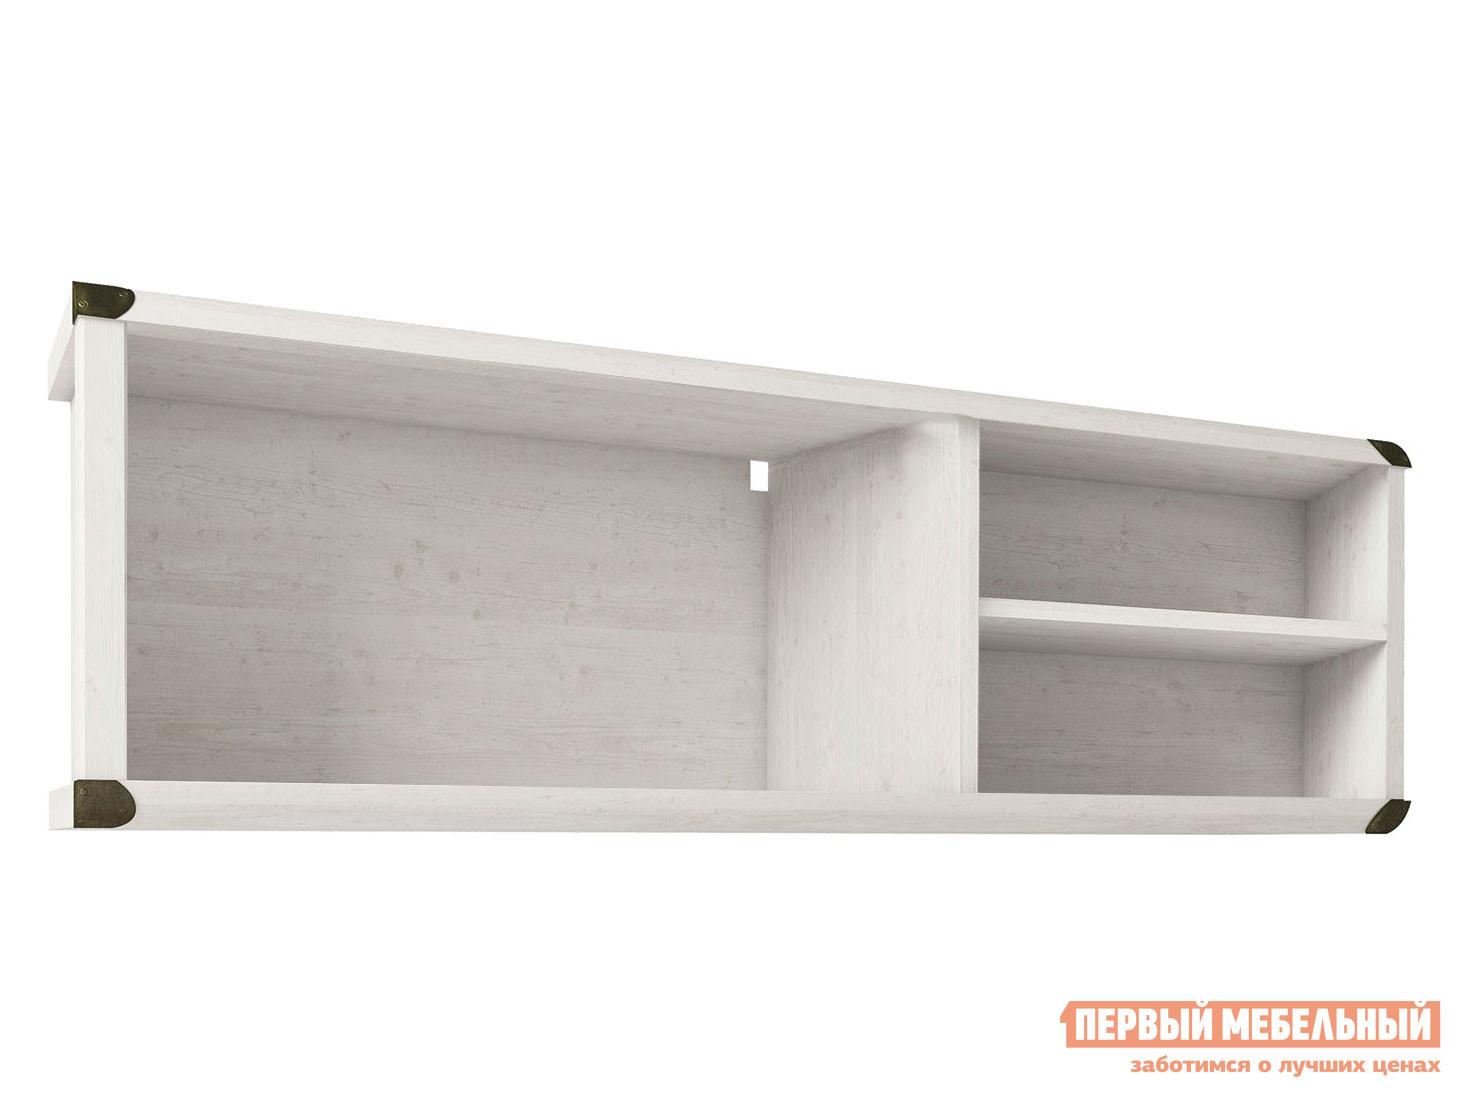 Навесной шкаф Первый Мебельный Шкаф навесной Магеллан